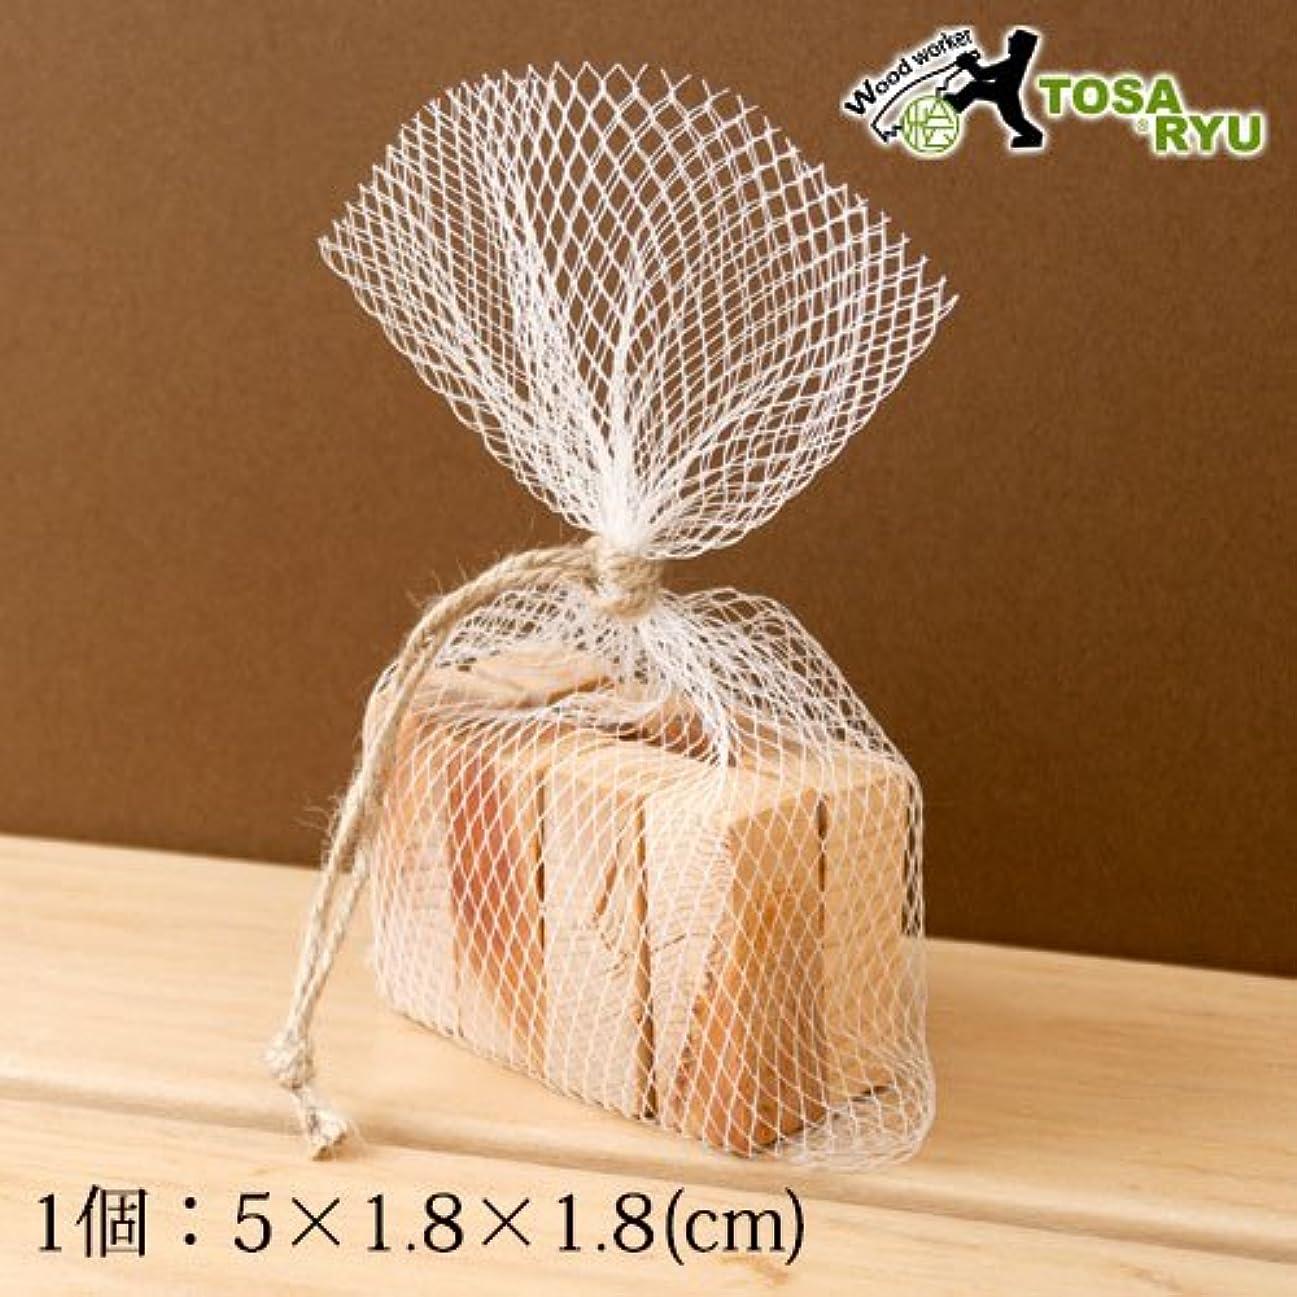 作曲家曇った彫る土佐龍アロマブロックメッシュ袋入り高知県の工芸品Bath additive of cypress, Kochi craft